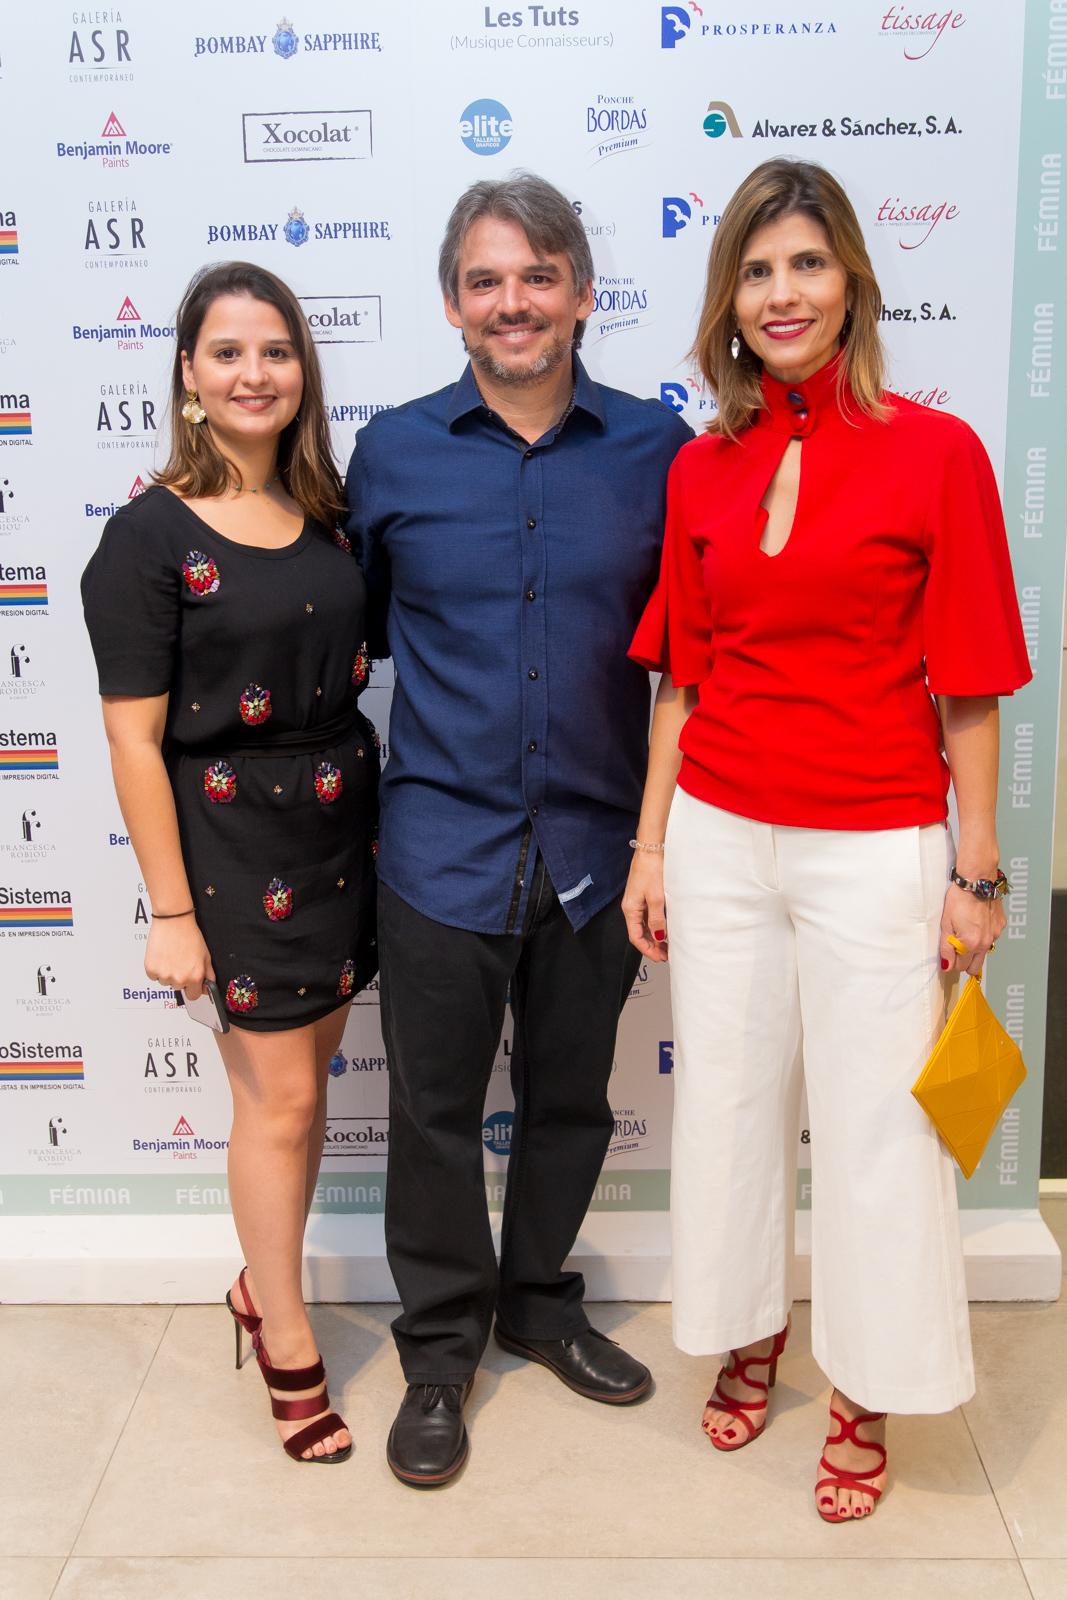 16. Ana Ramos, Jaime Batlle, Ana Sofía Batlle